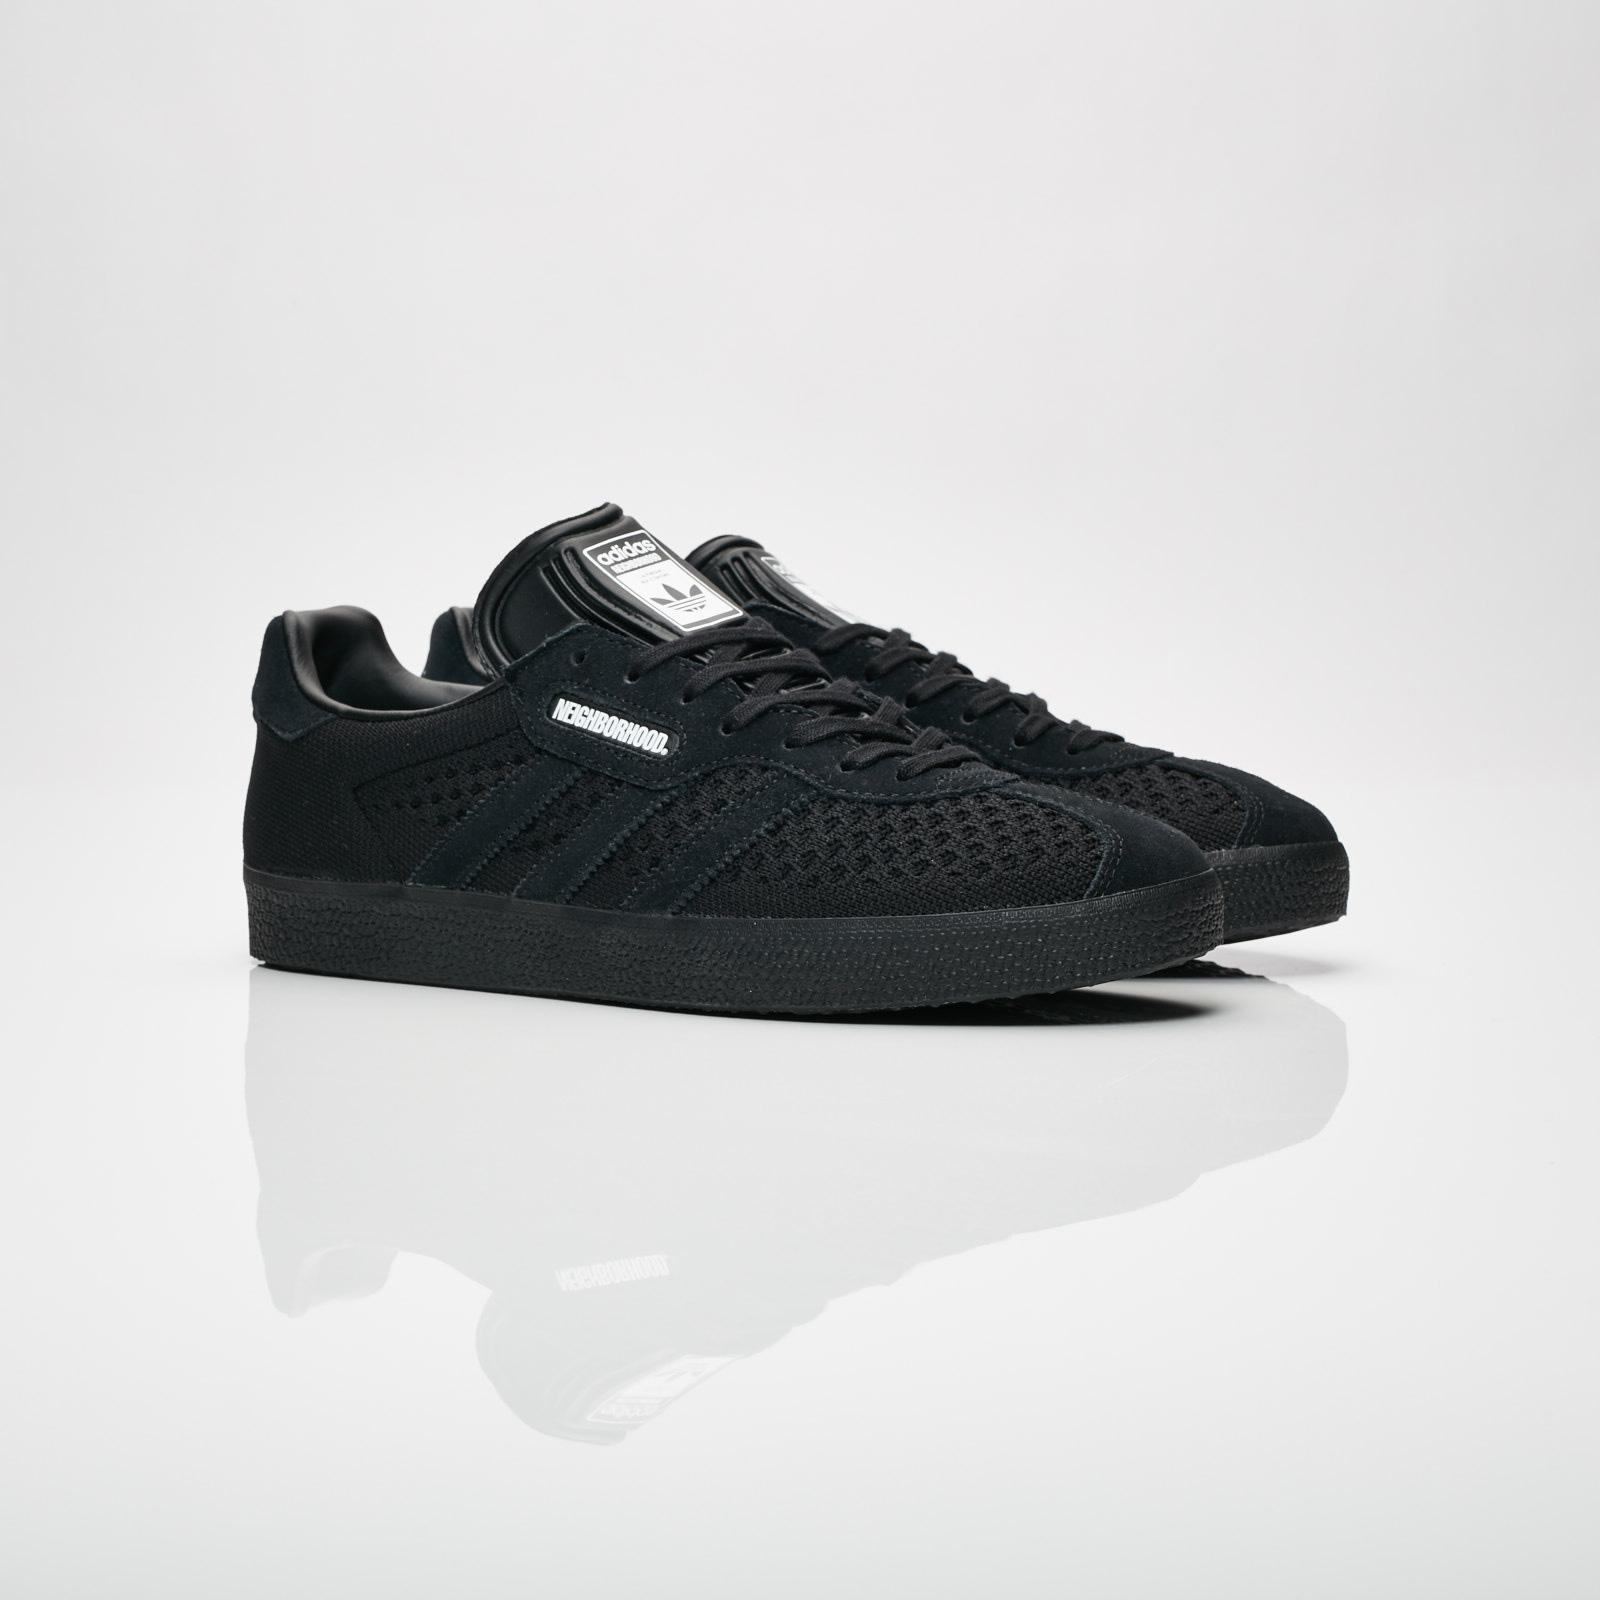 2bebe15e823d adidas Gazelle Super x Neighborhood - Da8836 - Sneakersnstuff ...